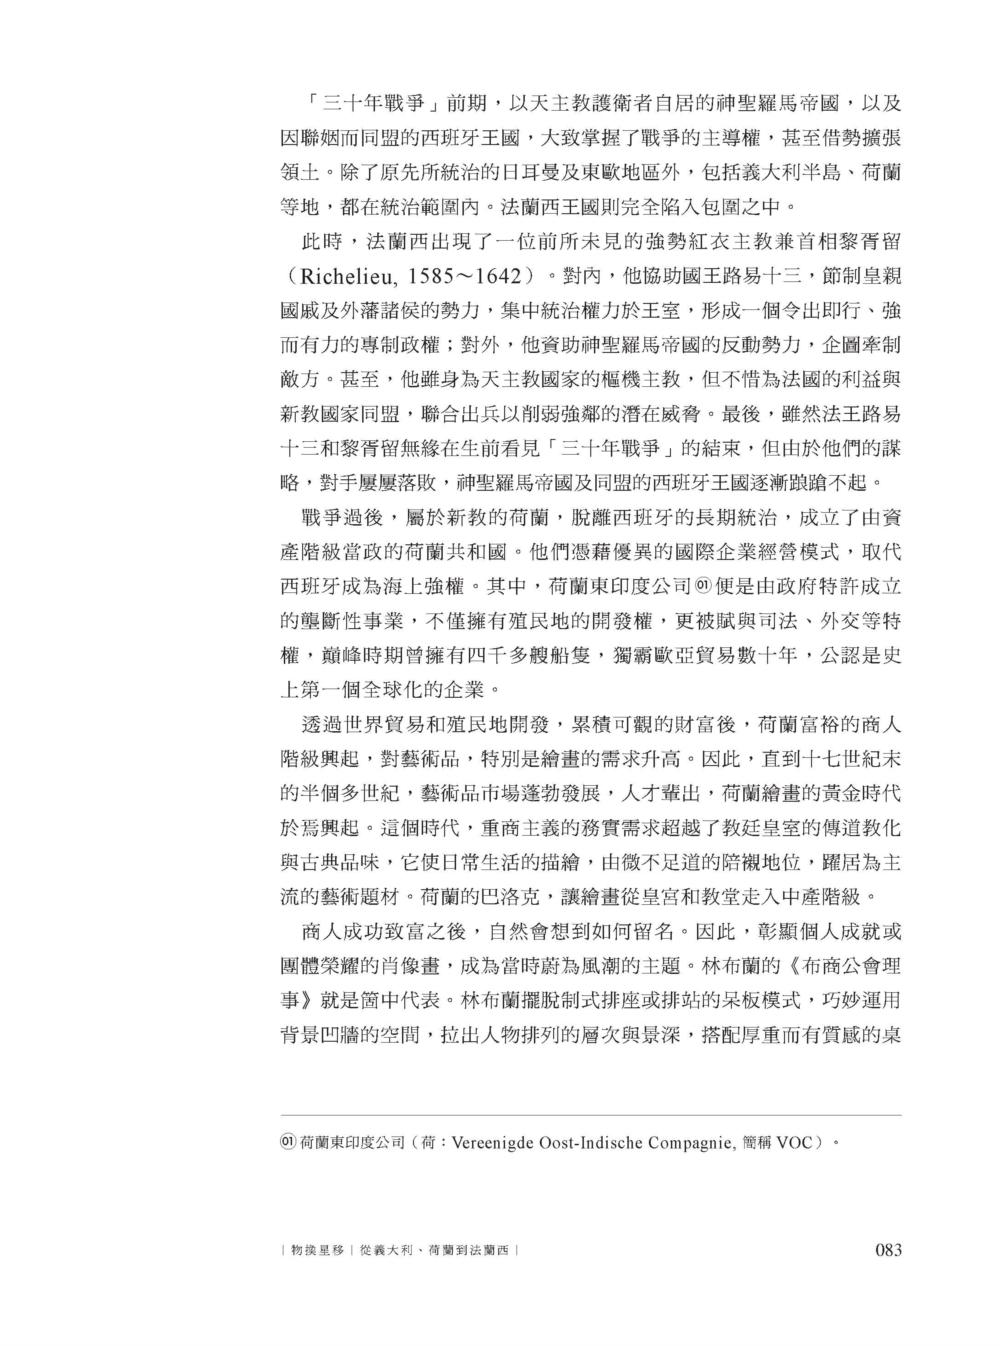 http://im2.book.com.tw/image/getImage?i=http://www.books.com.tw/img/001/072/81/0010728178_b_03.jpg&v=57cfec75&w=655&h=609